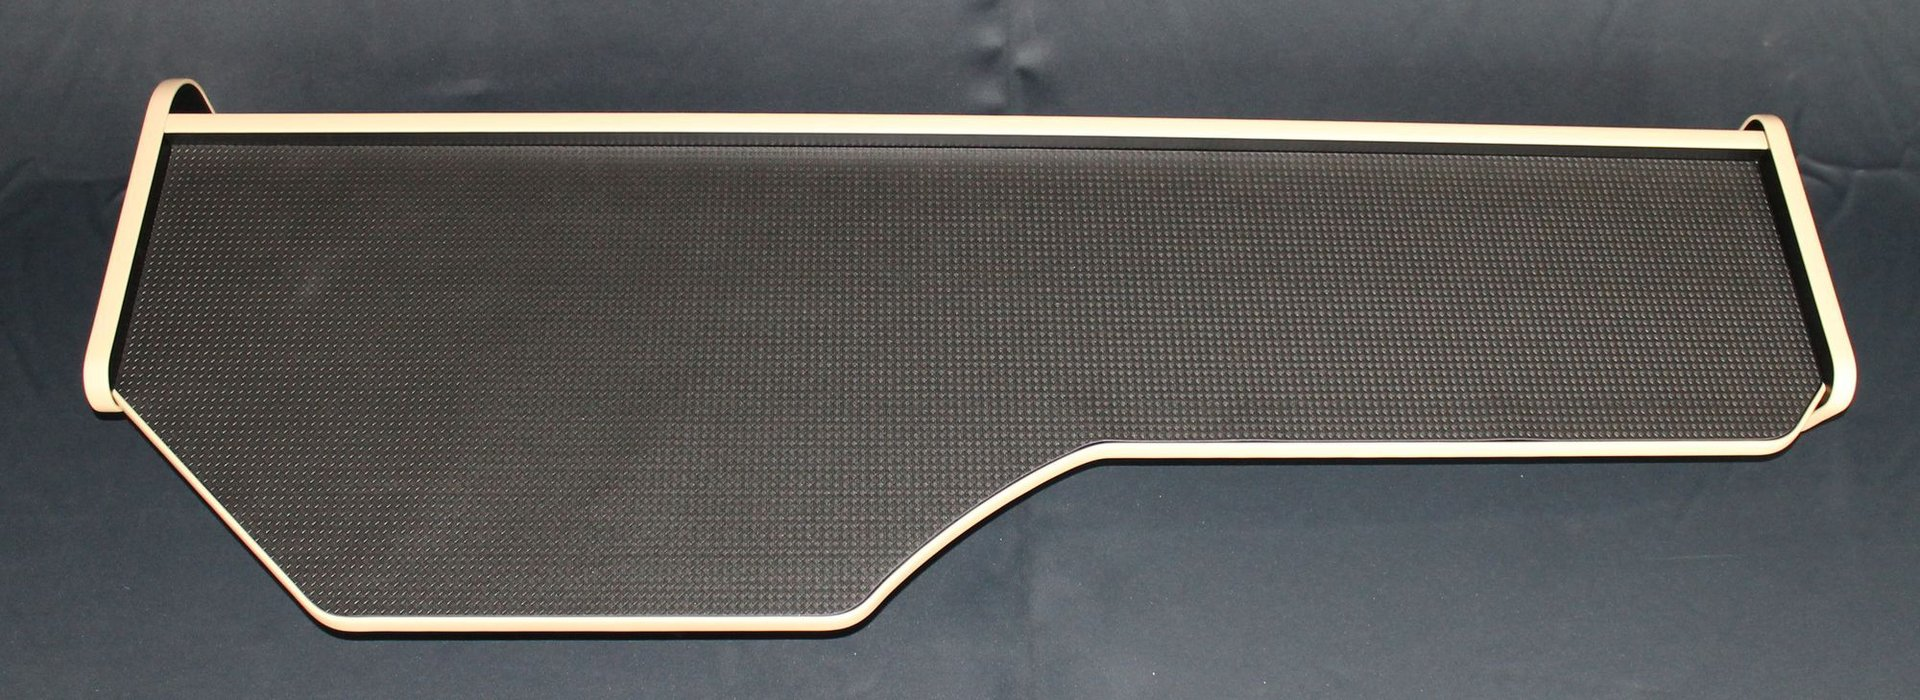 lkw tisch passend daf xf euro 6 kanten beige mit abe kaufen. Black Bedroom Furniture Sets. Home Design Ideas